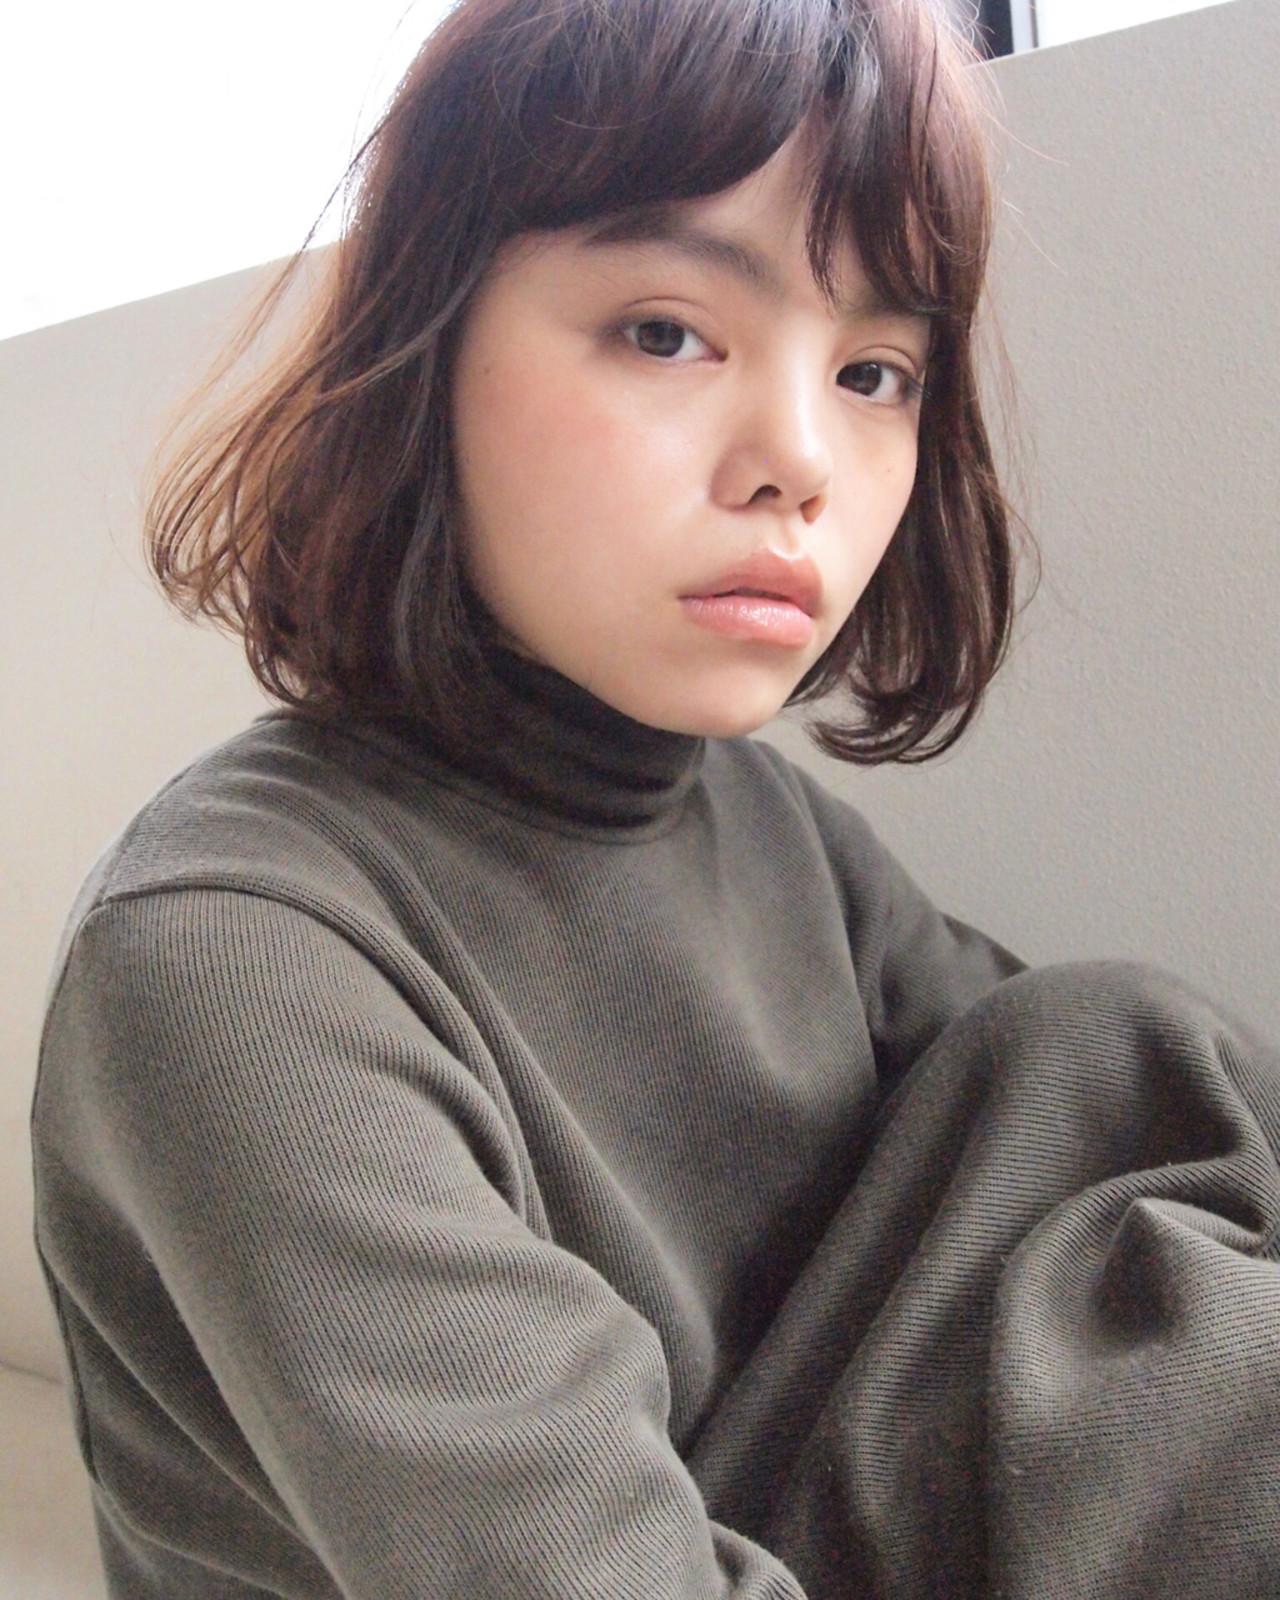 透け髪にキュンッ♡前髪だけじゃない、シースルーボブが今キテル理由。 UEKI / nanuk